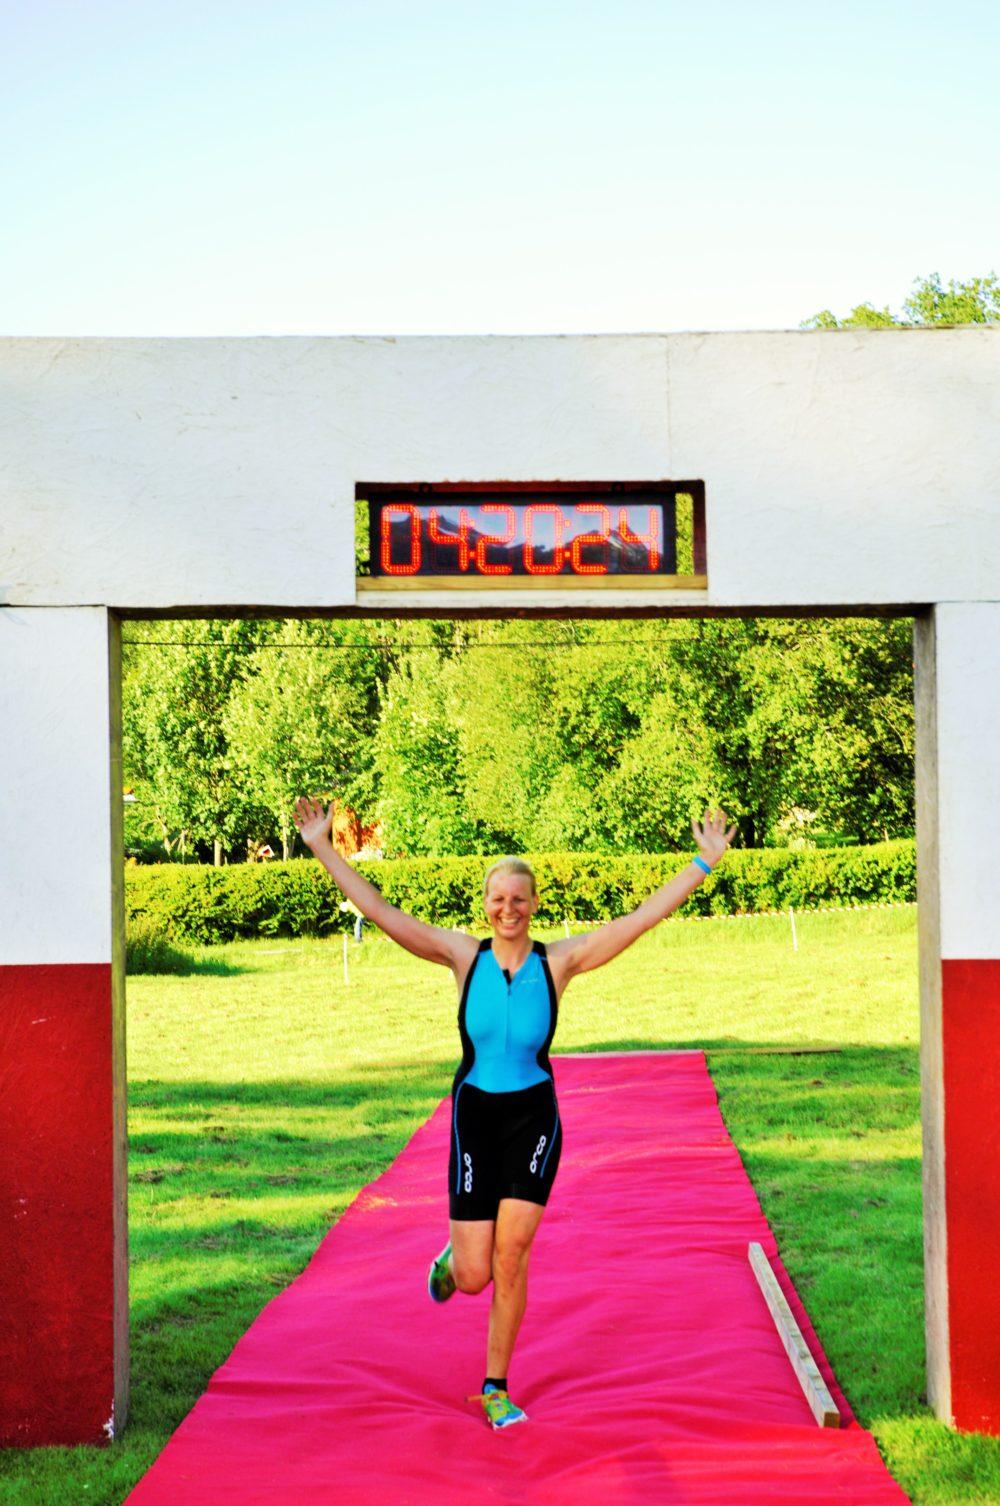 Såå glad att äntligen komma i mål! Foto: Triscore.se